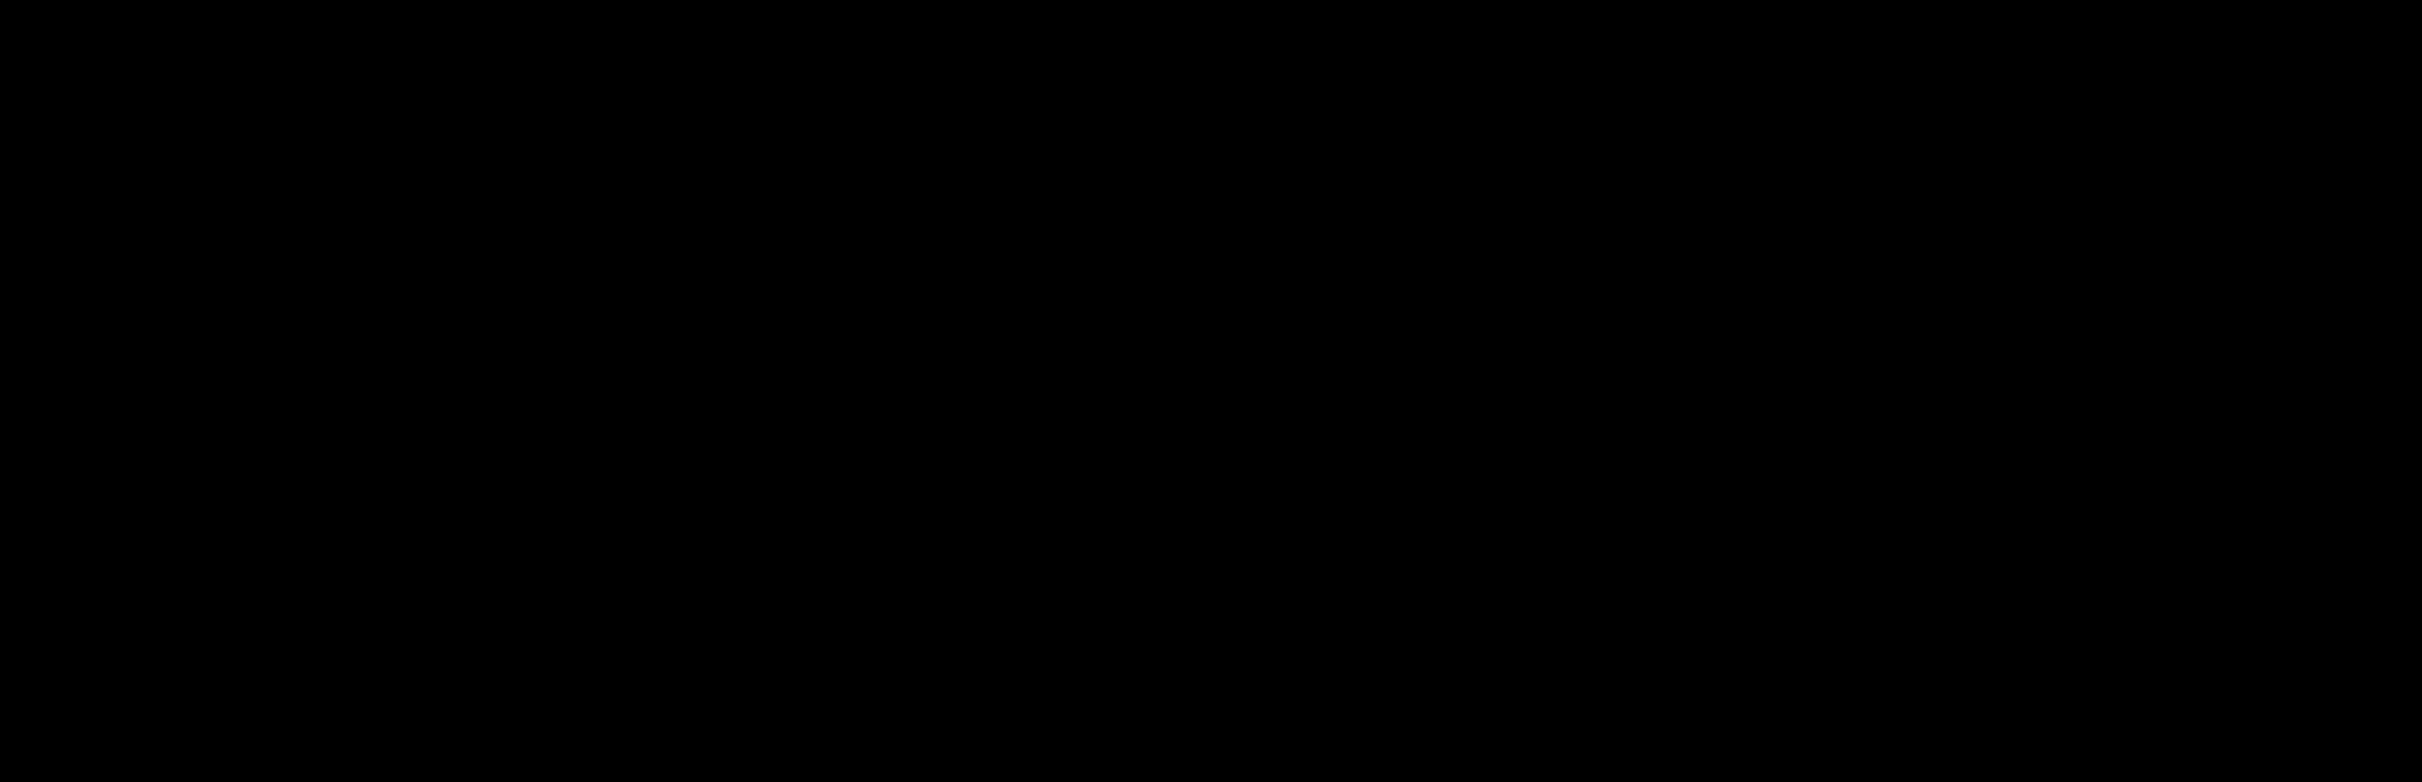 Nα-Boc-biocytin-L-proline